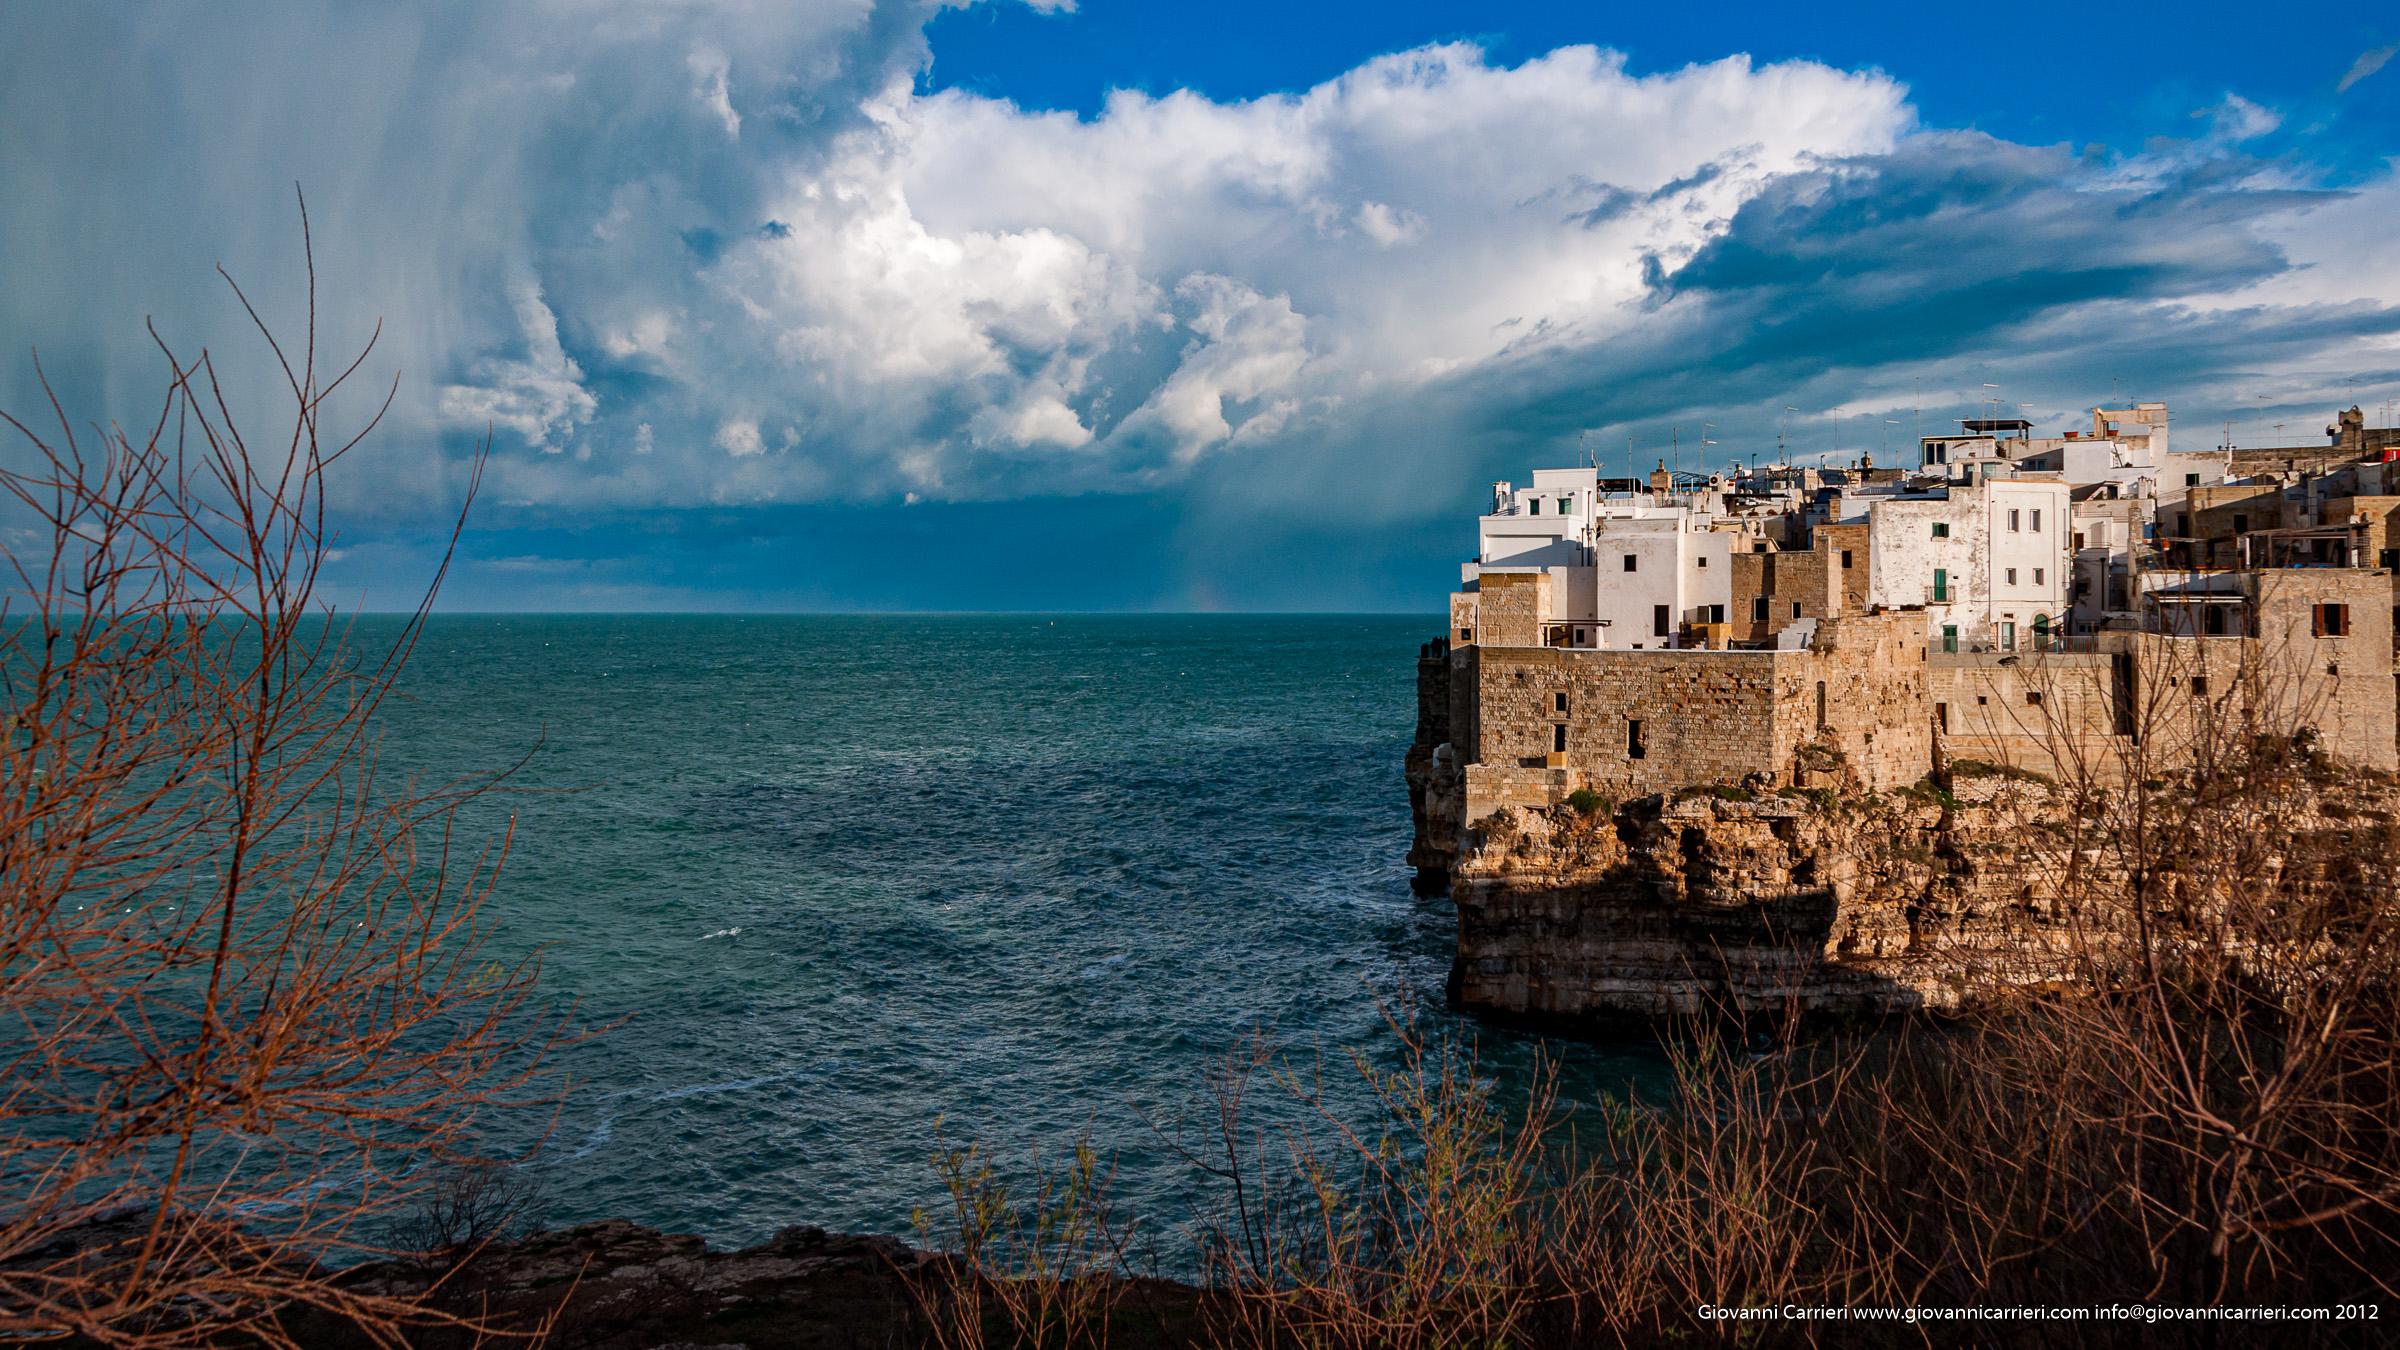 Tempesta su Polignano a mare